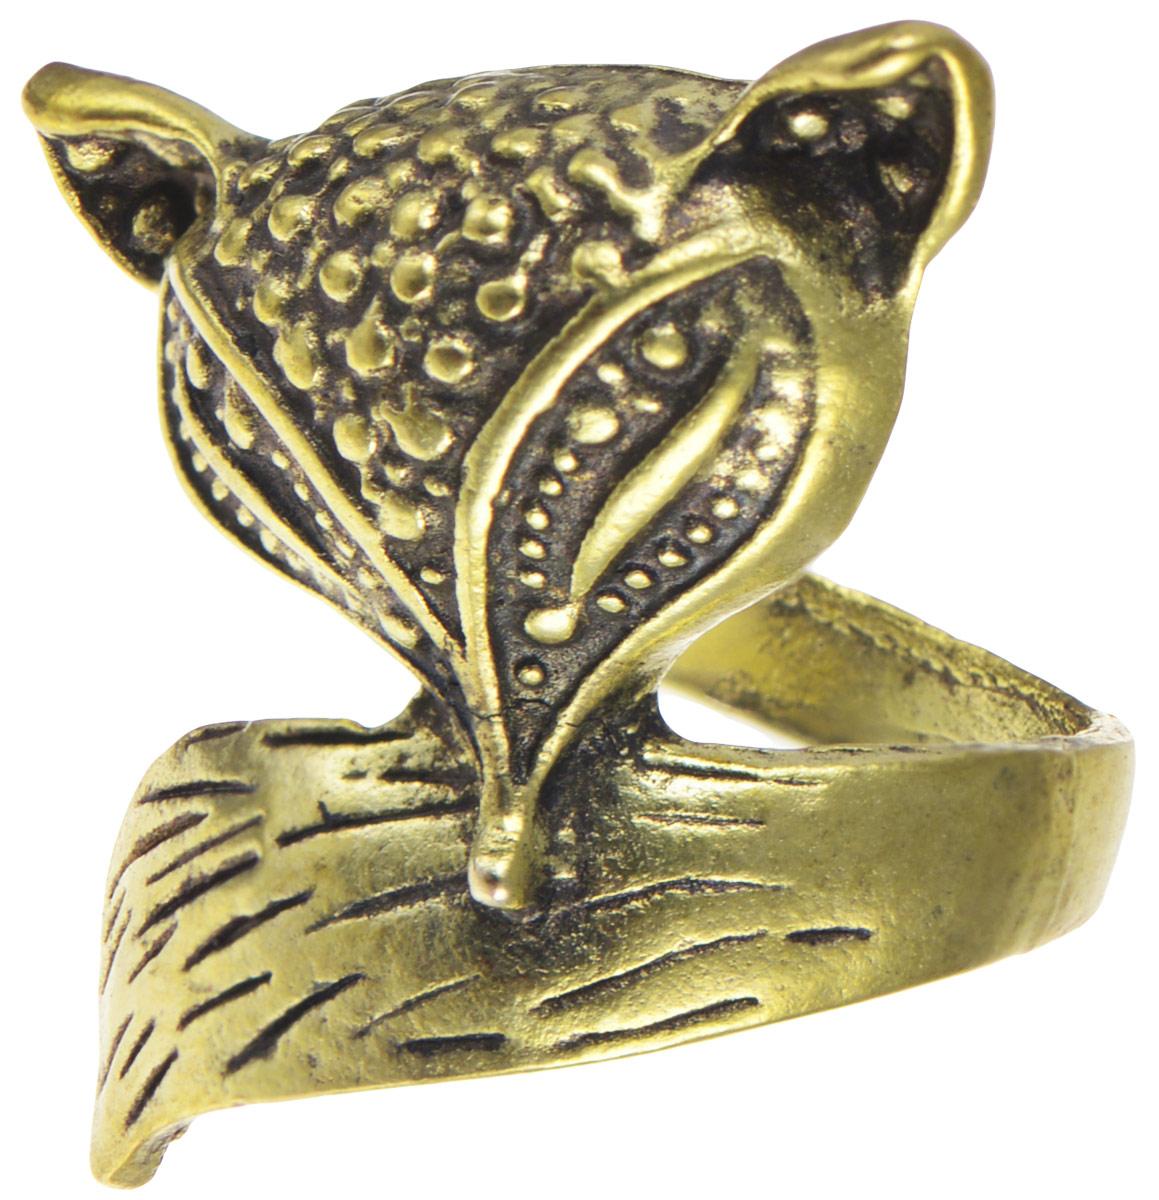 Кольцо YusliQ Лисичка. Ручная авторская работа. 26-00426-004Стильное кольцо YusliQ Лисичка выполнено из металла и оформлено в виде головы и хвоста лисы. Такое кольцо это блестящее завершение вашего неповторимого и смелого образа и отличный подарок для ценительницы необычных украшений!